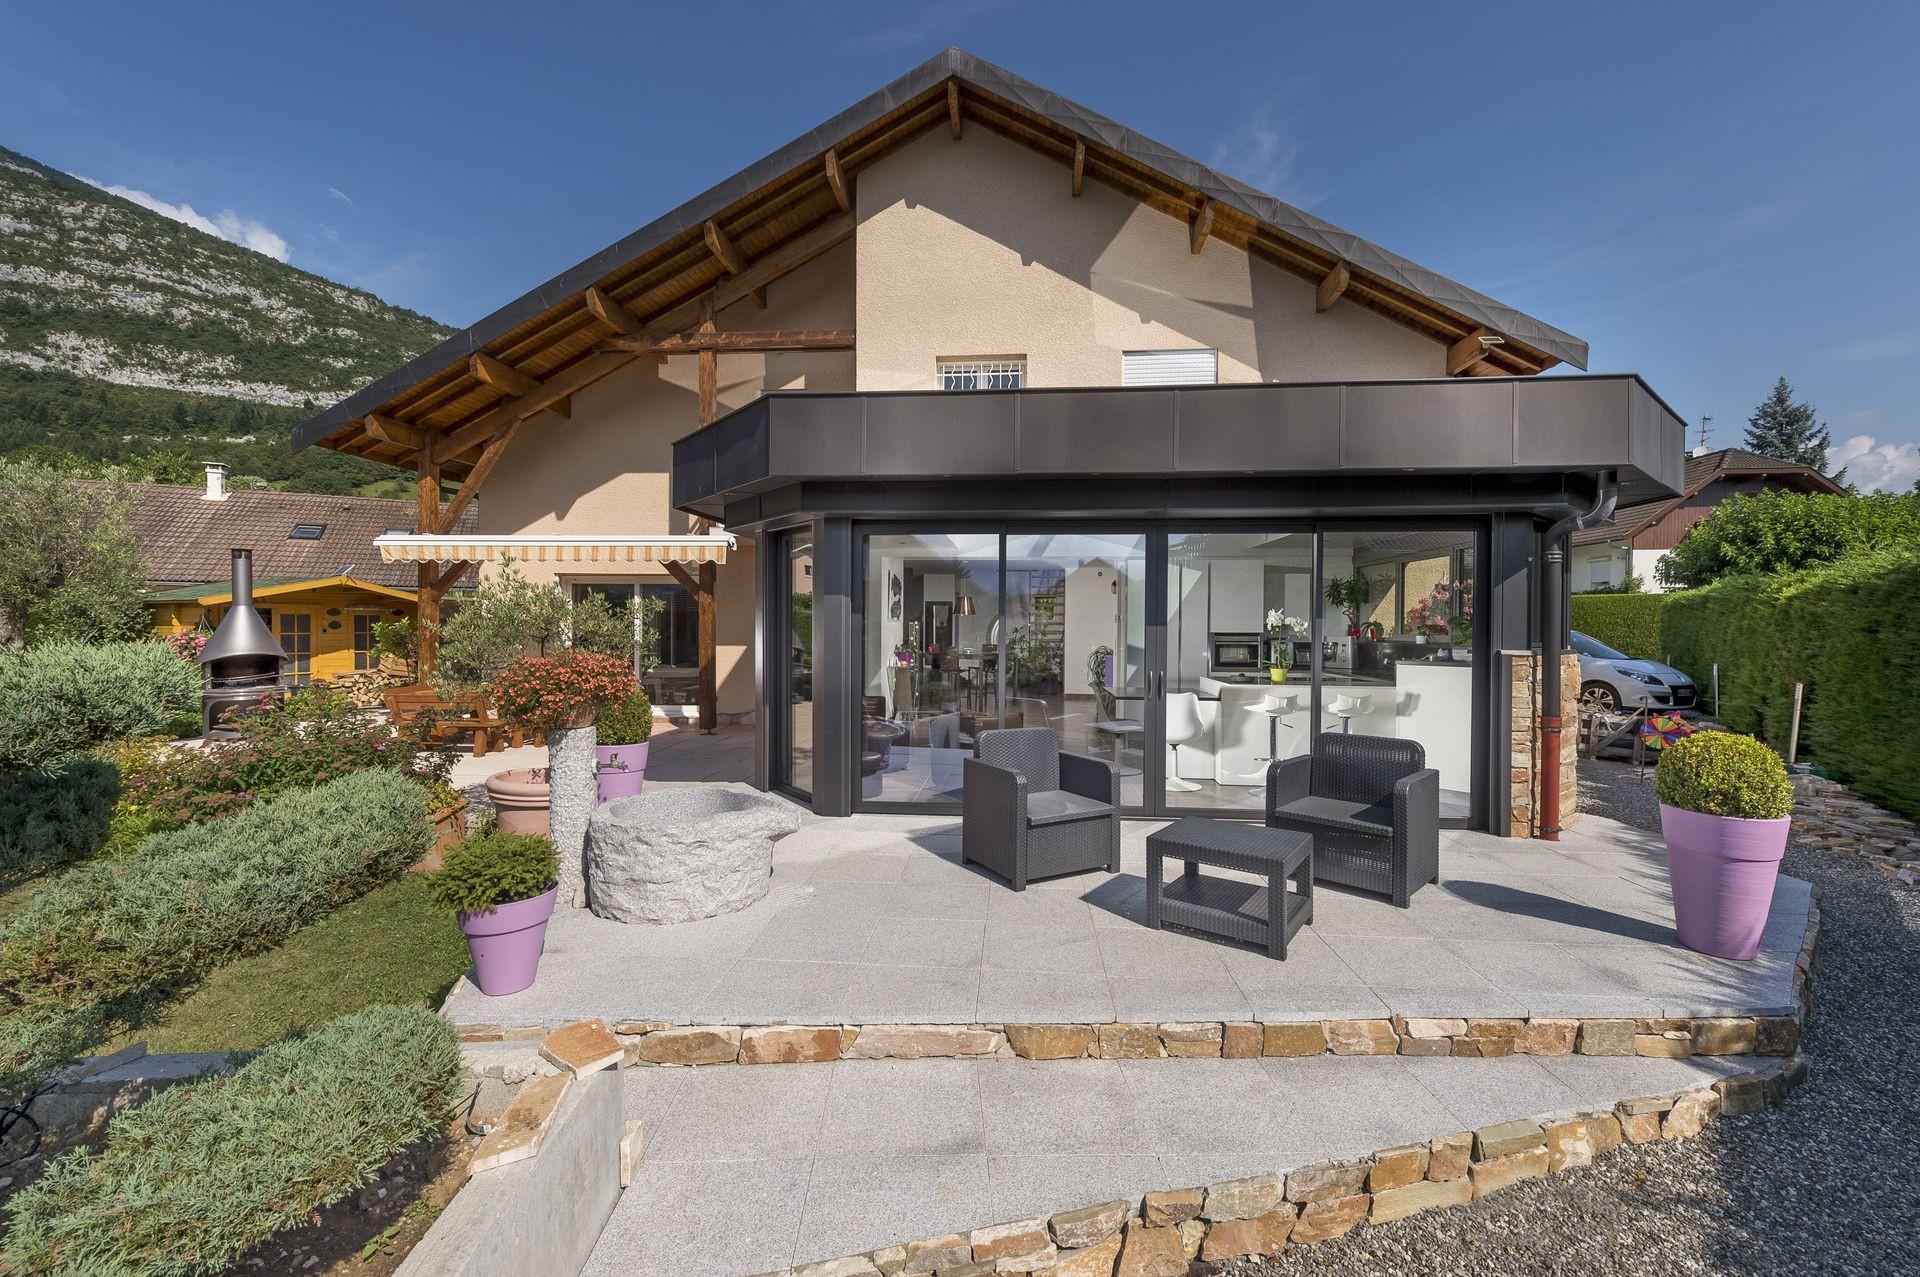 extension toiture plate doussard avec cusine int gr e en haute savoie actuel veranda. Black Bedroom Furniture Sets. Home Design Ideas